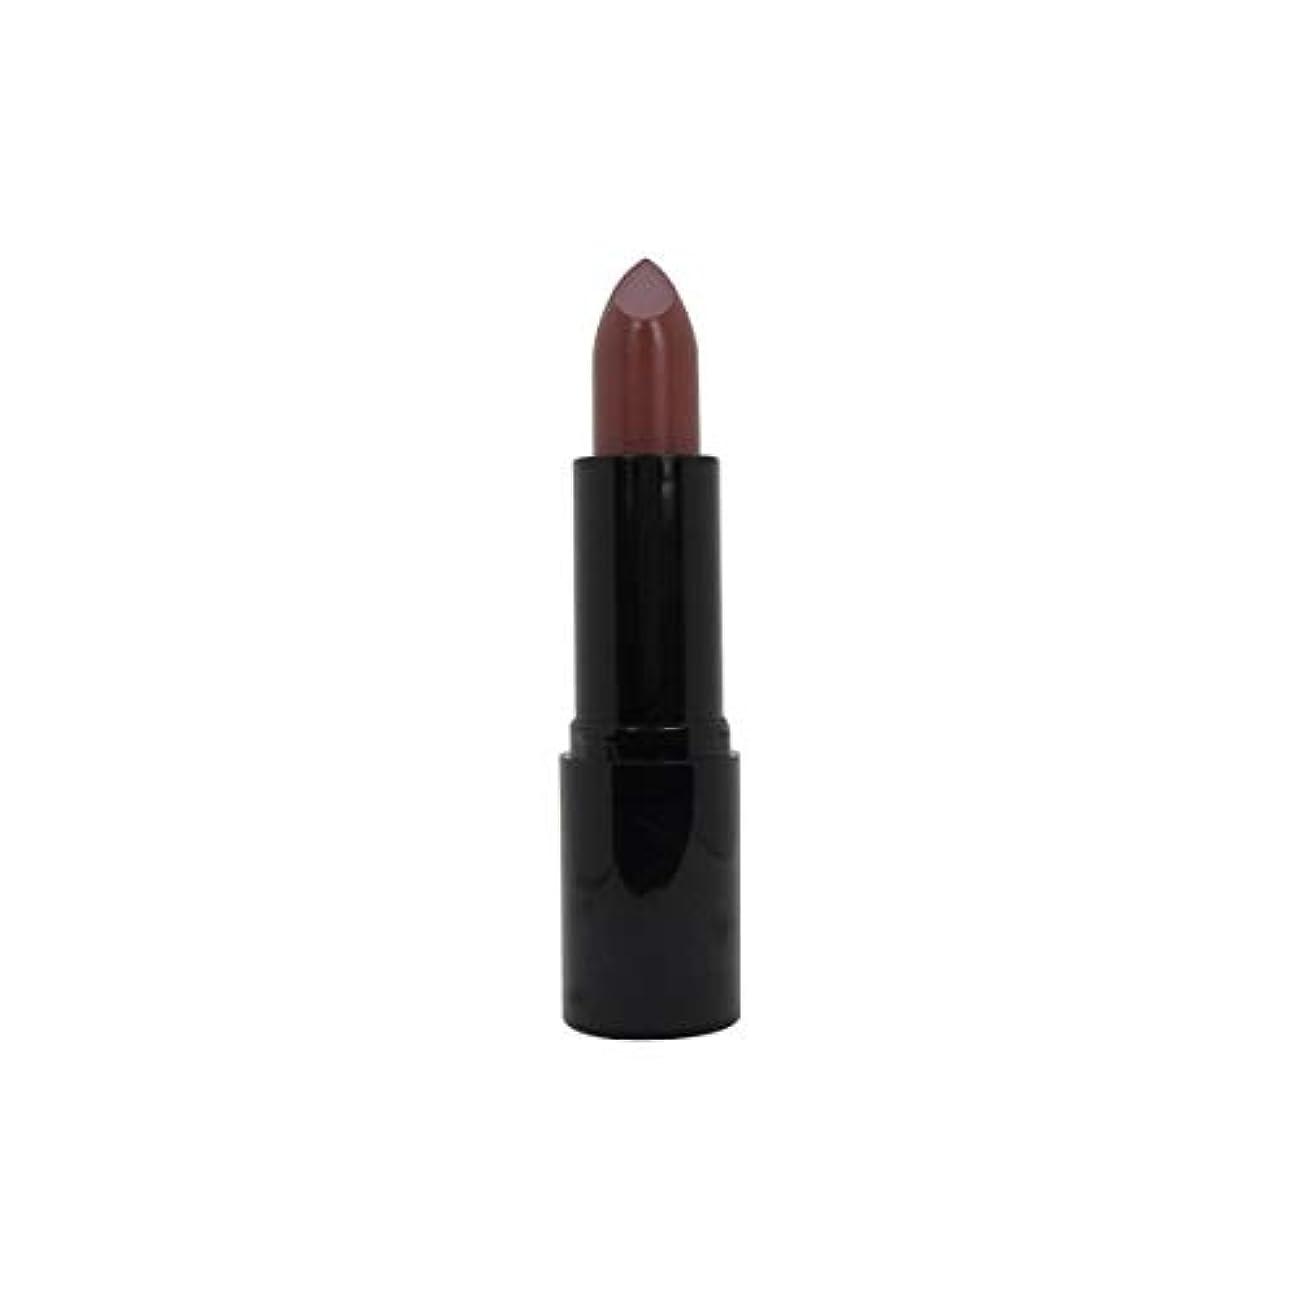 できる現実逆さまにSkinerie The Collection Lipstick 02 Close Rose 3,5g